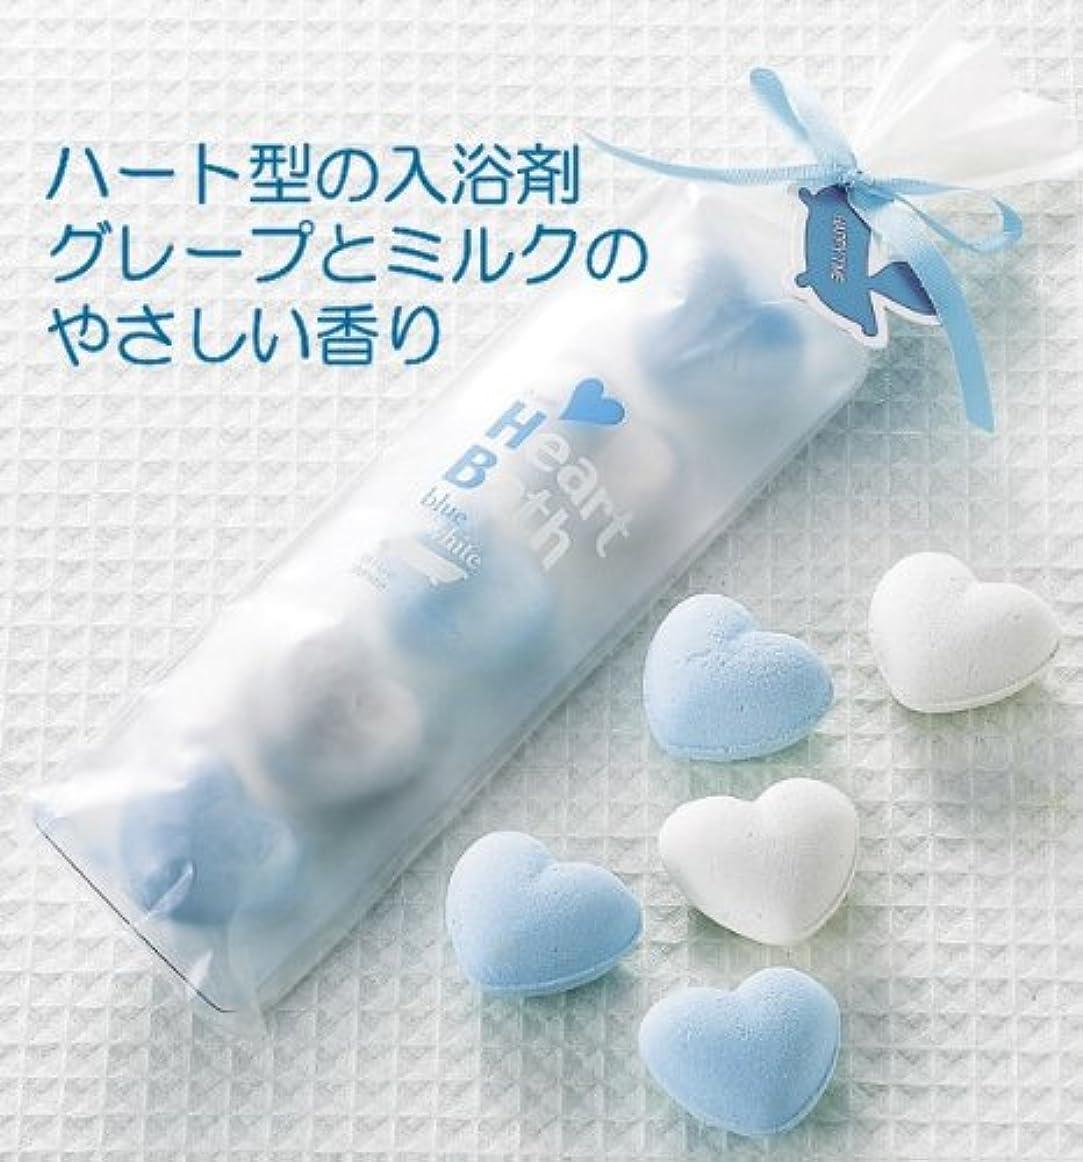 岸望む有名なハート型の入浴剤 グレープ&ミルク